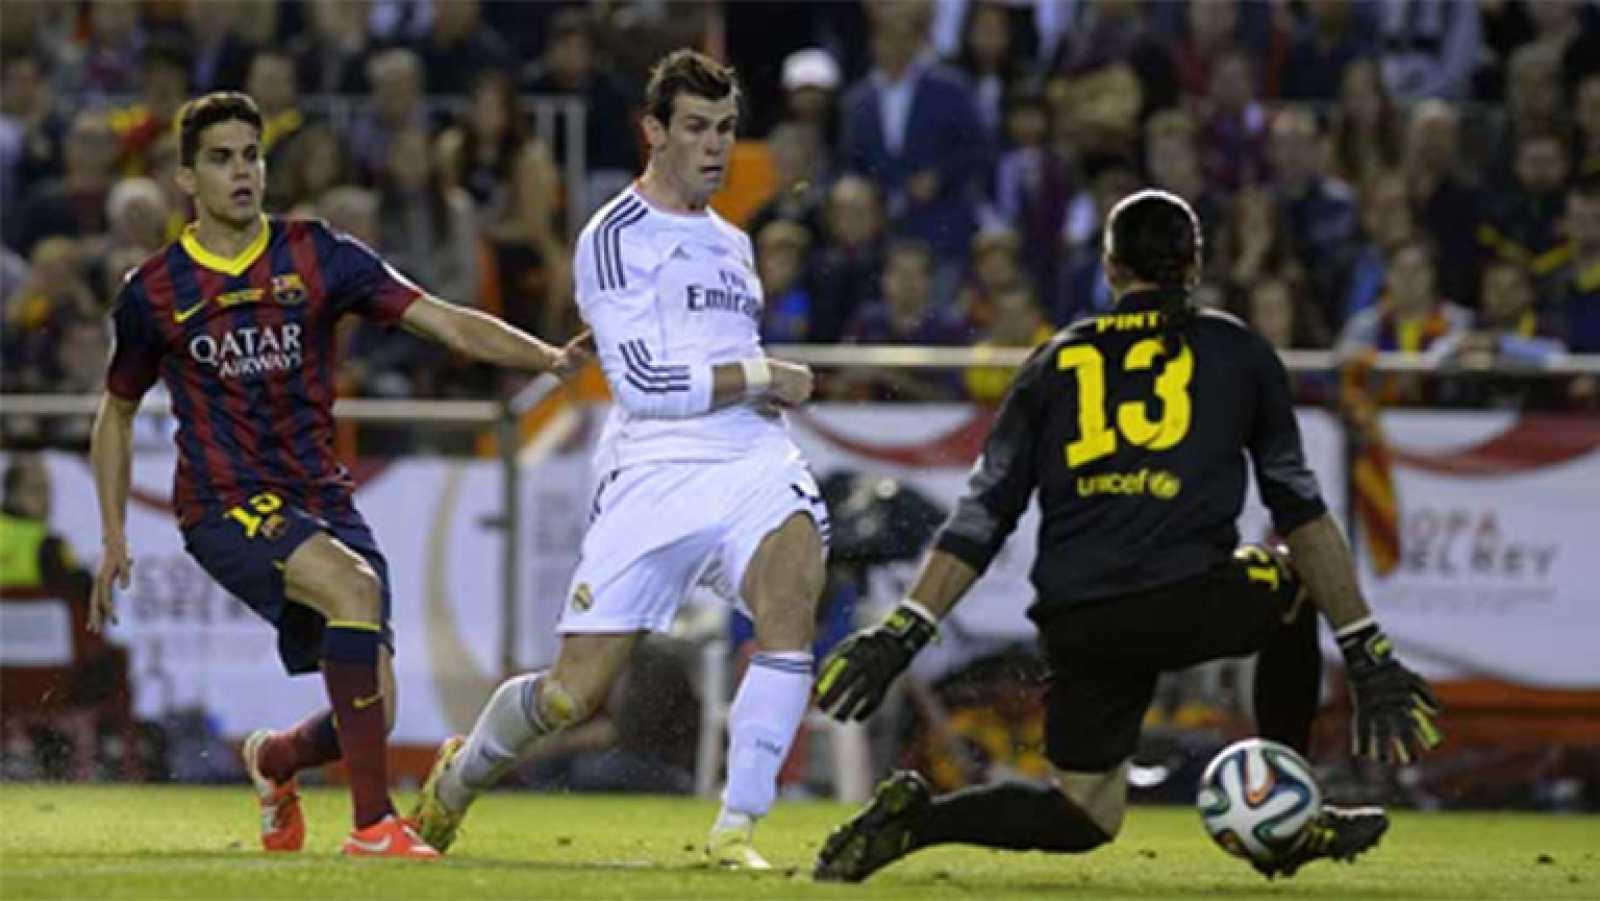 El Real Madrid gana su 19ª Copa del Rey - RTVE.es